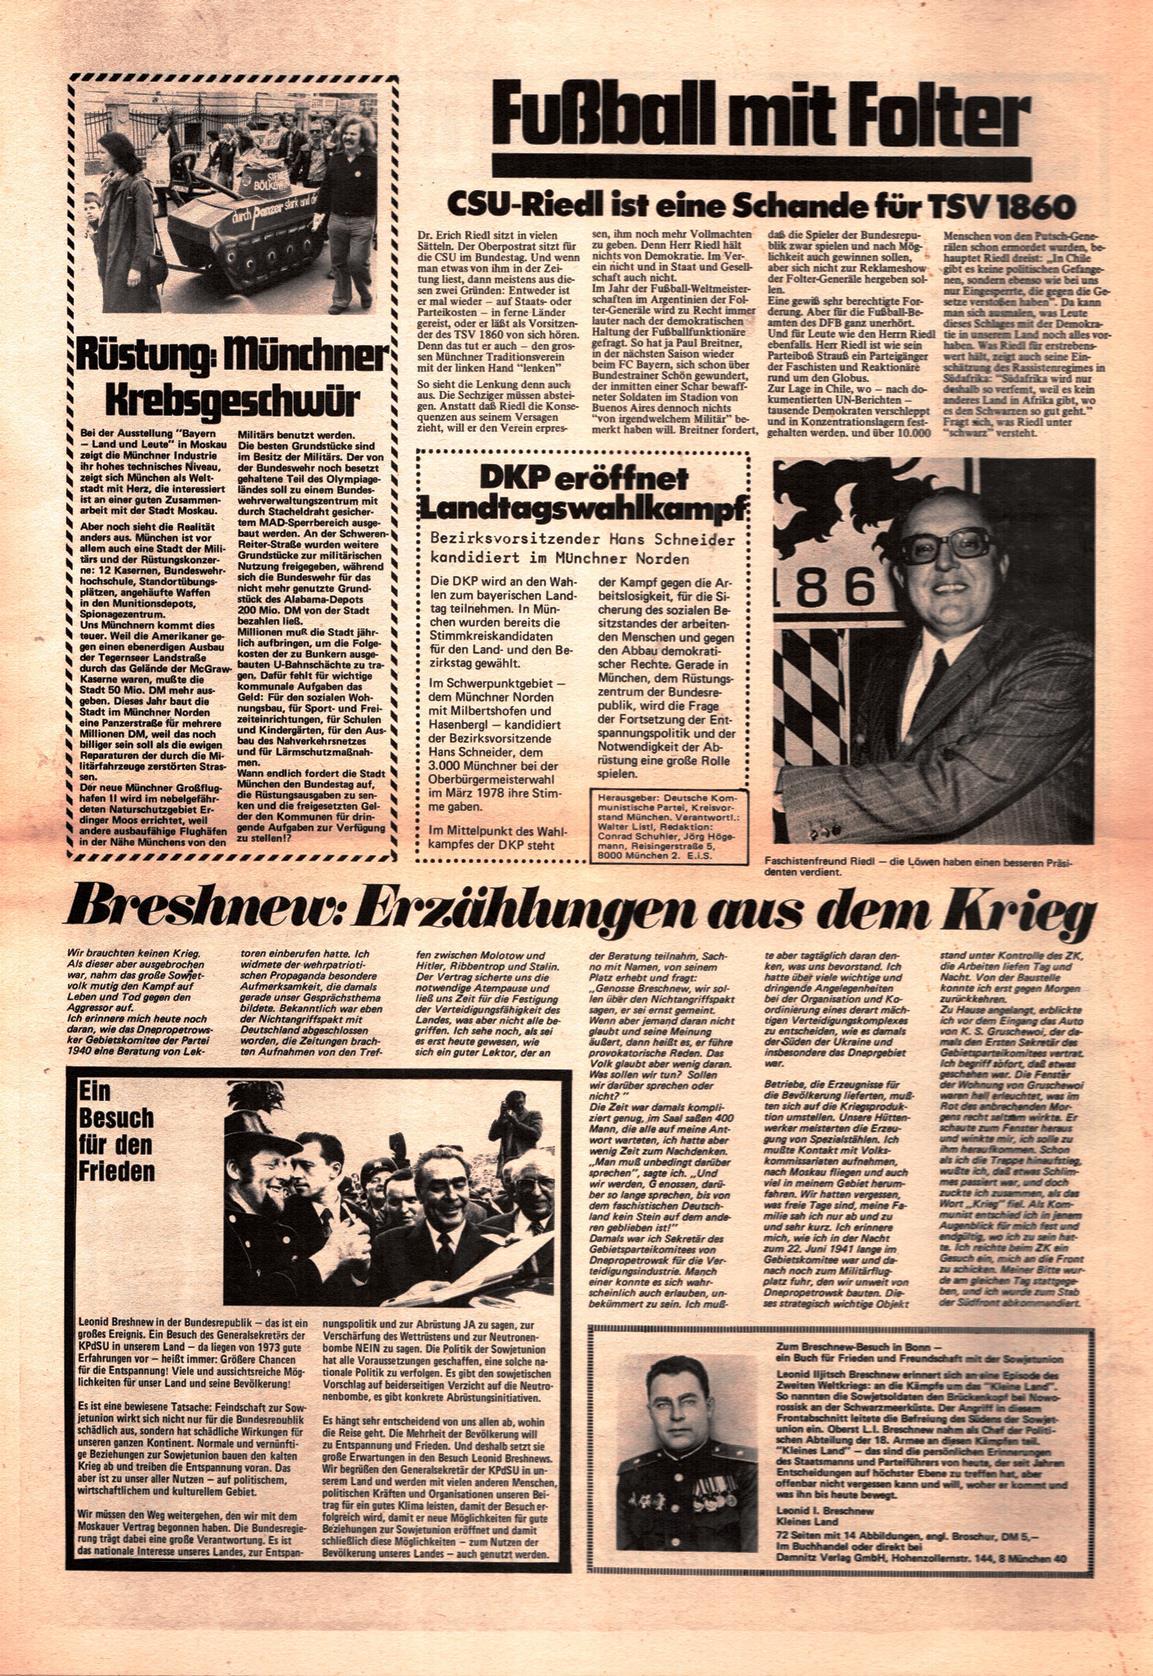 Muenchen_DKP_Neues_Muenchen_19780500_004_004